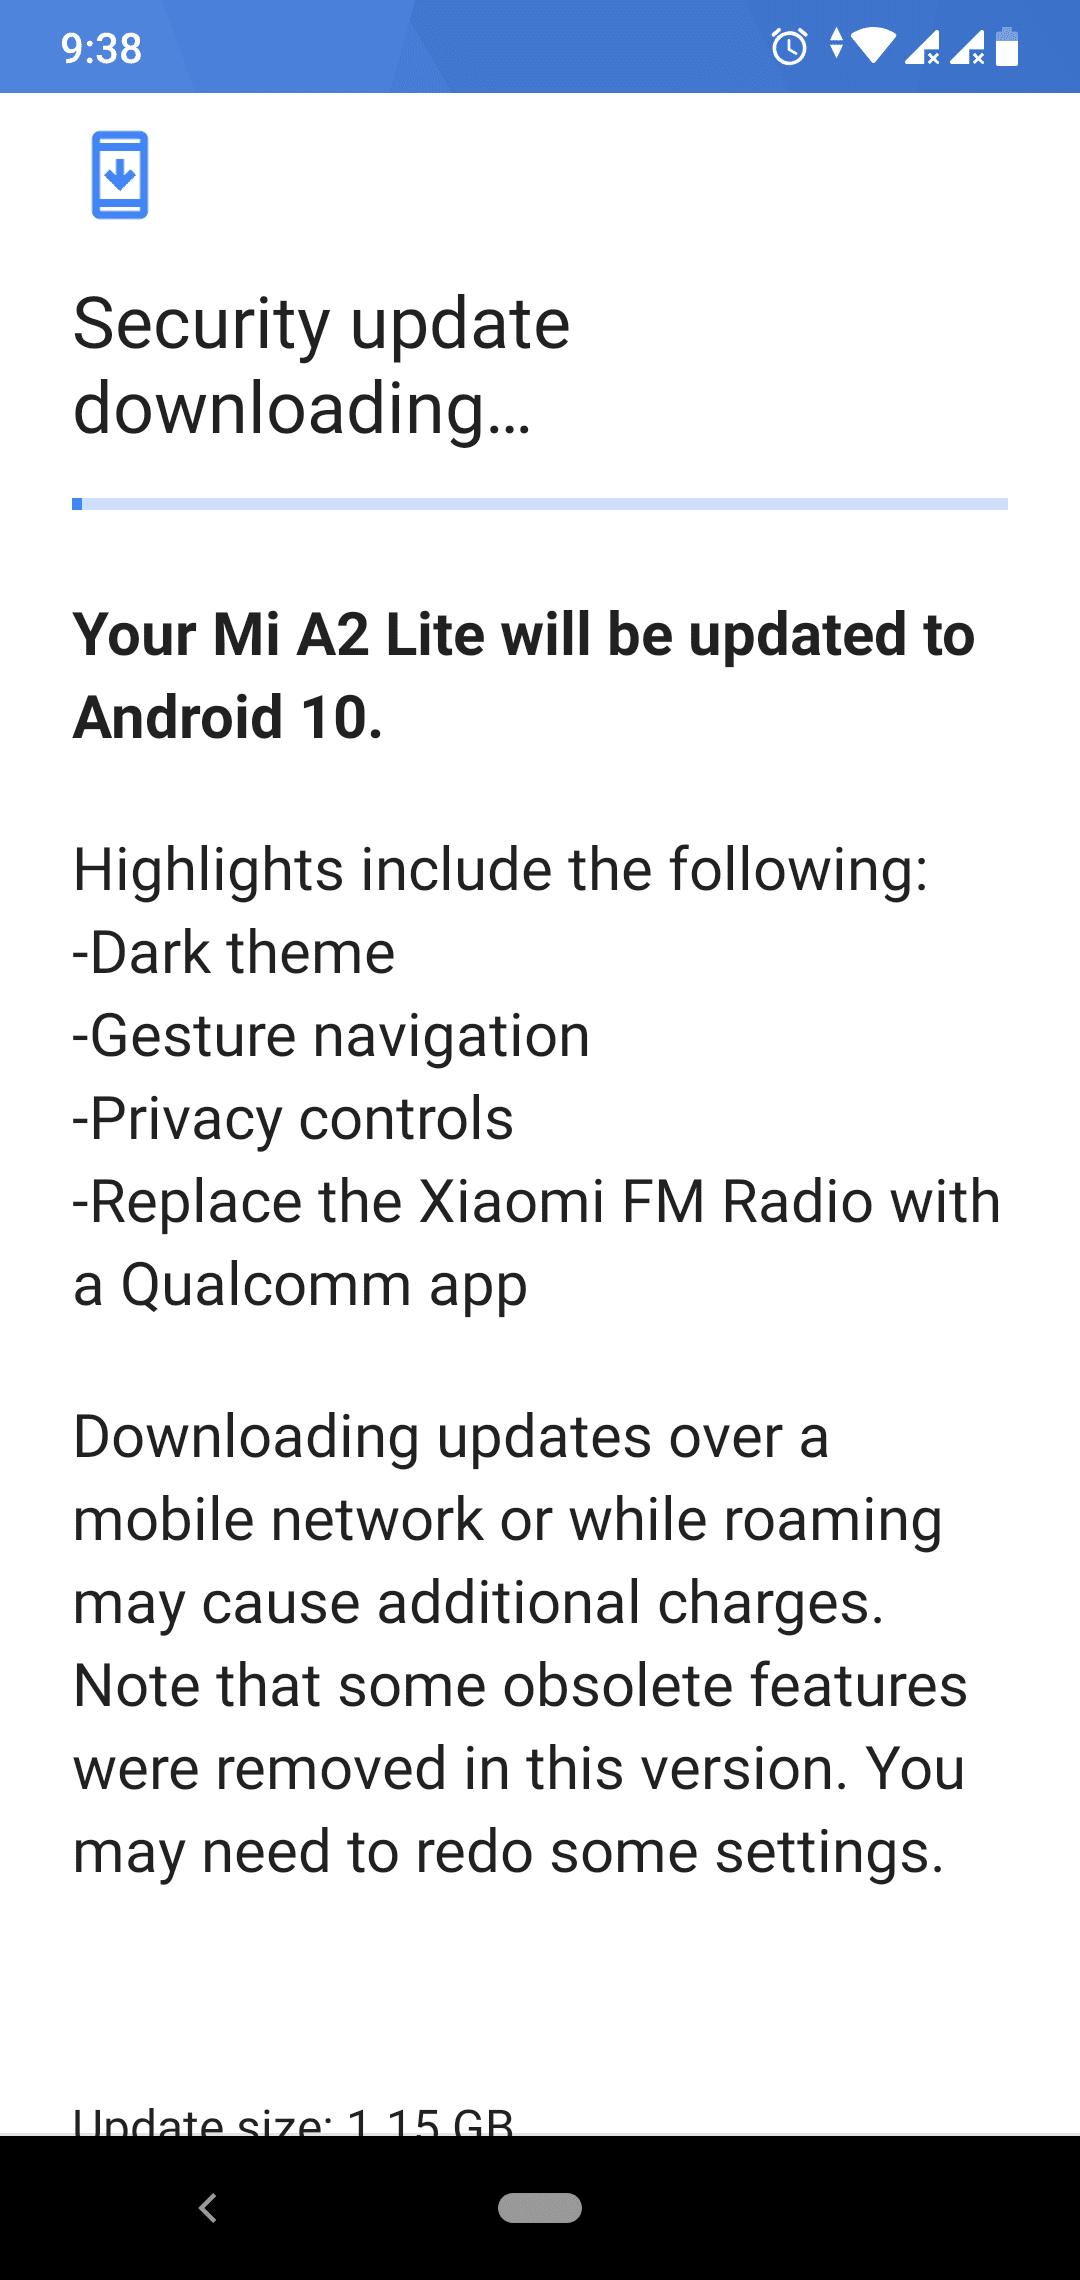 Xiaomi-Mi-A2-Lite-Android-10-update